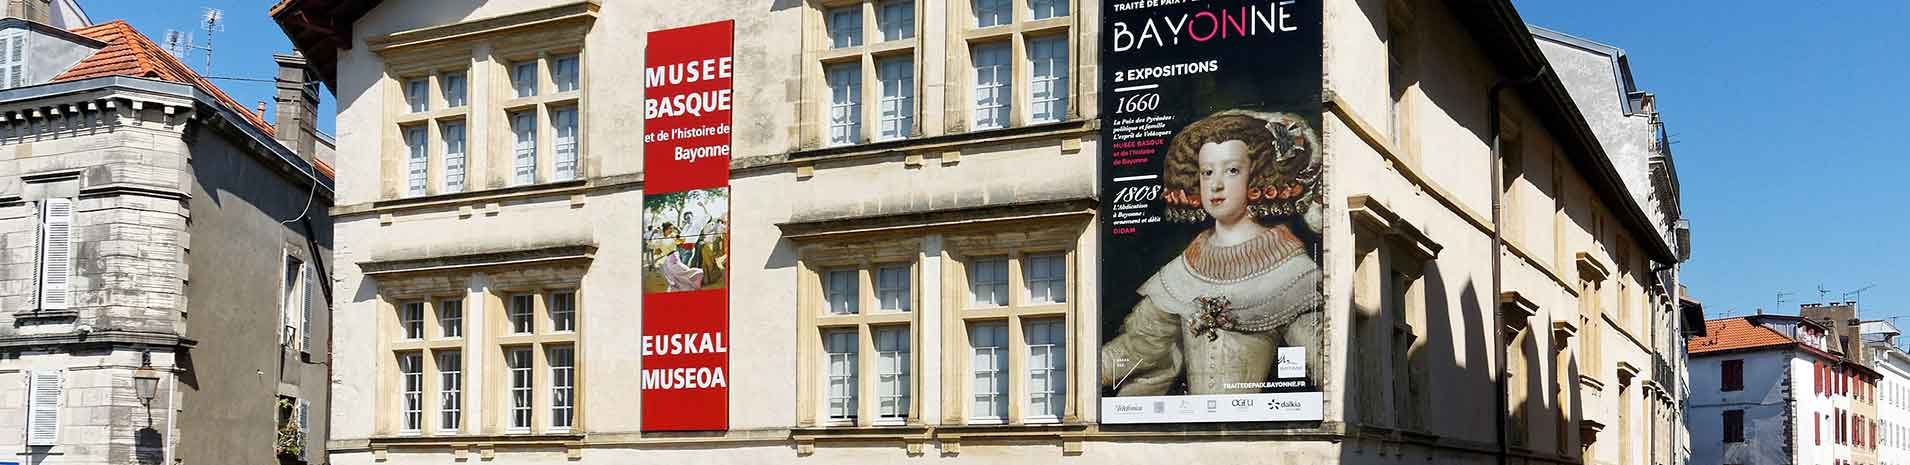 Musée Basque à Bayonne